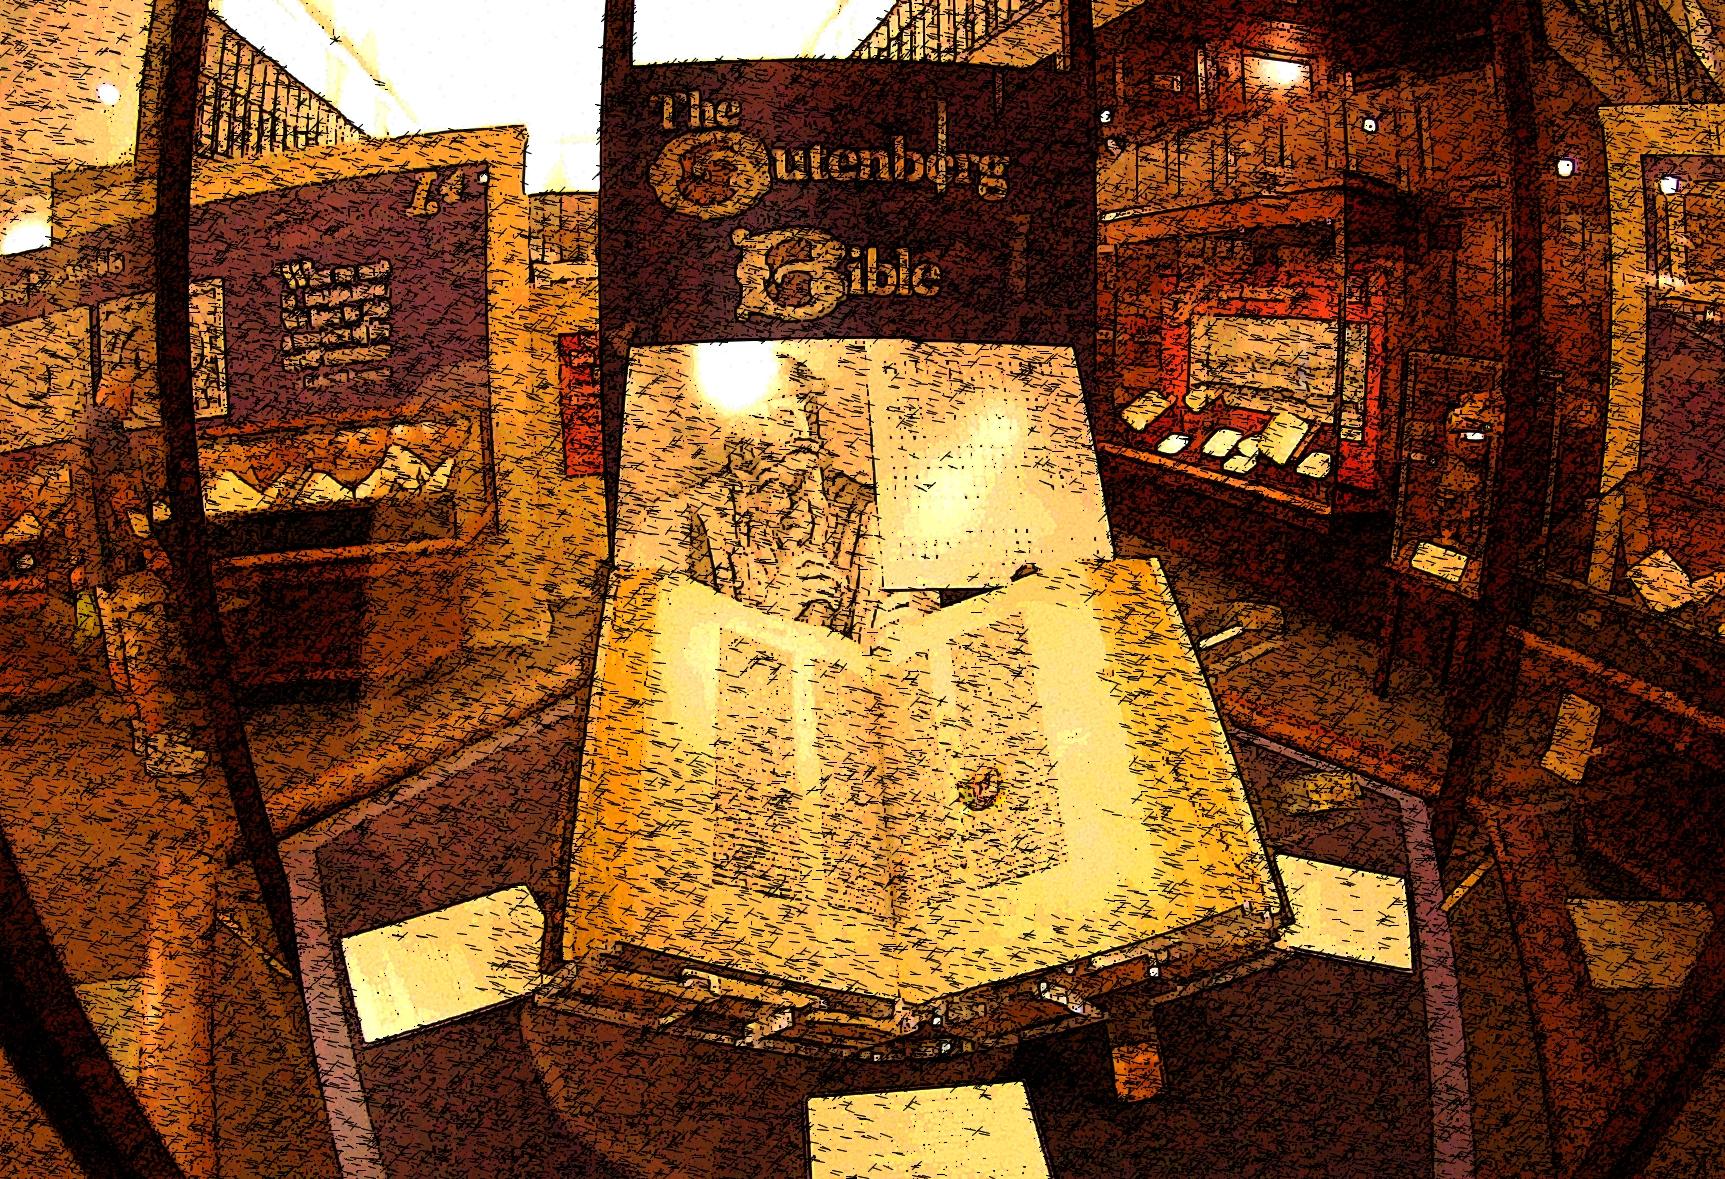 ¿De Dónde salió la BIBLIA Cristiana? ¿Cuál fue su origen?